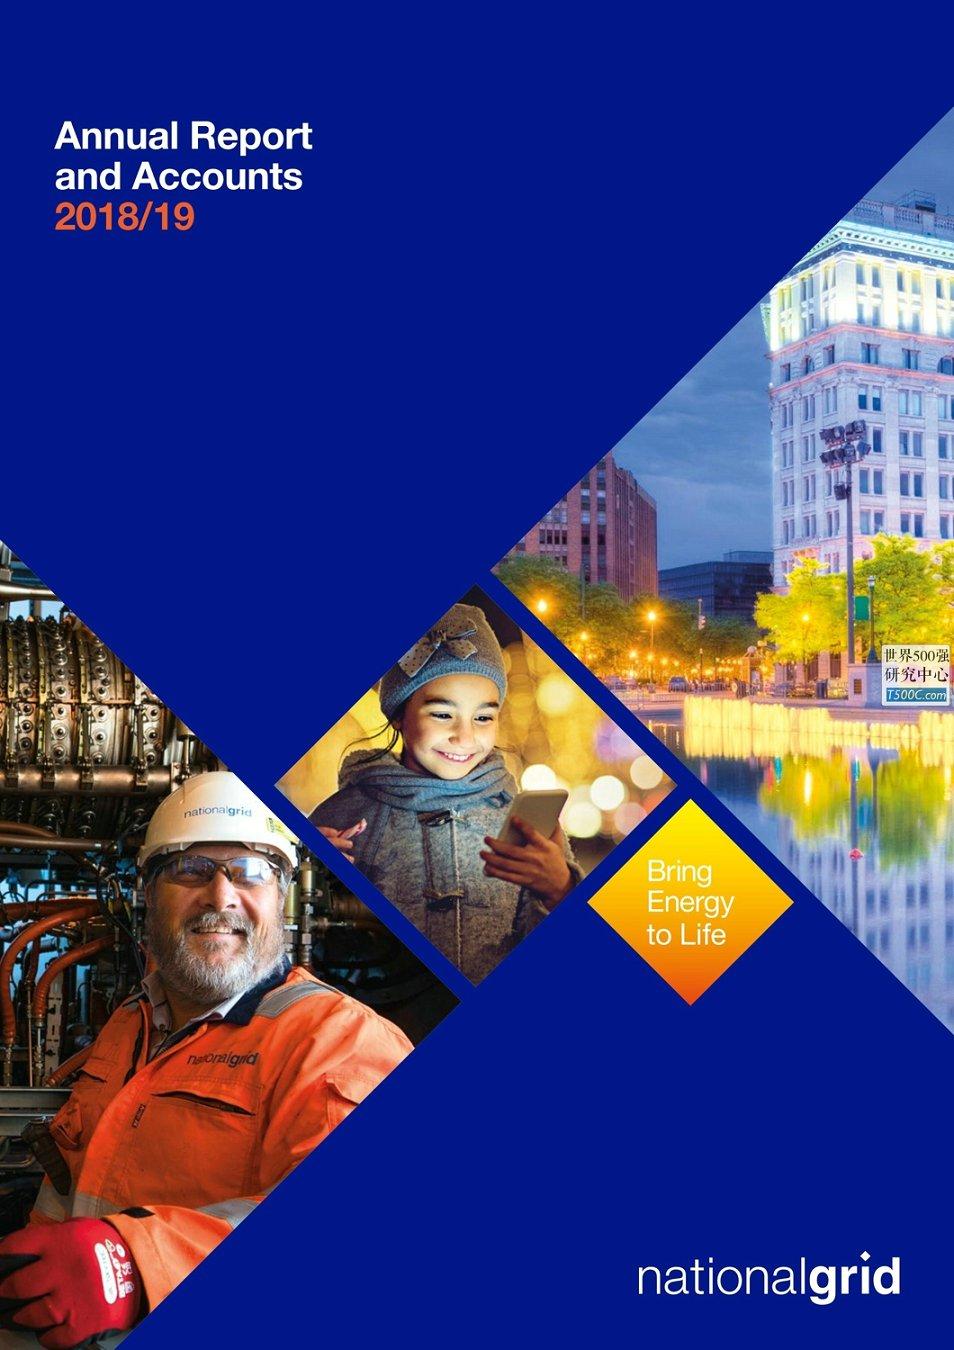 英国国家电网NationalGrid_年报AnnualReport_2019_T500C.com